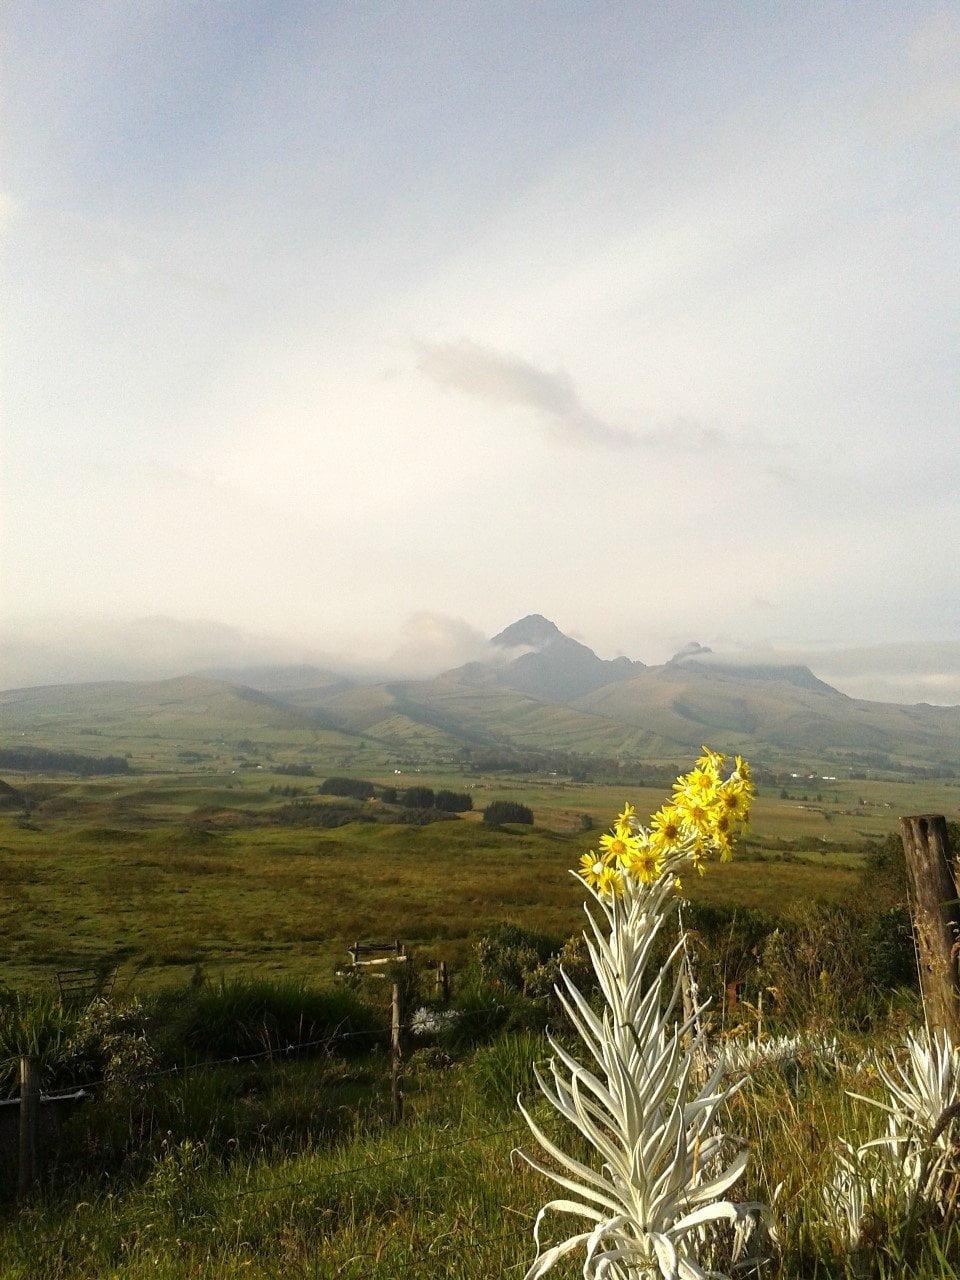 Uitzicht op de Cotopaxi vulkaan in Ecuador